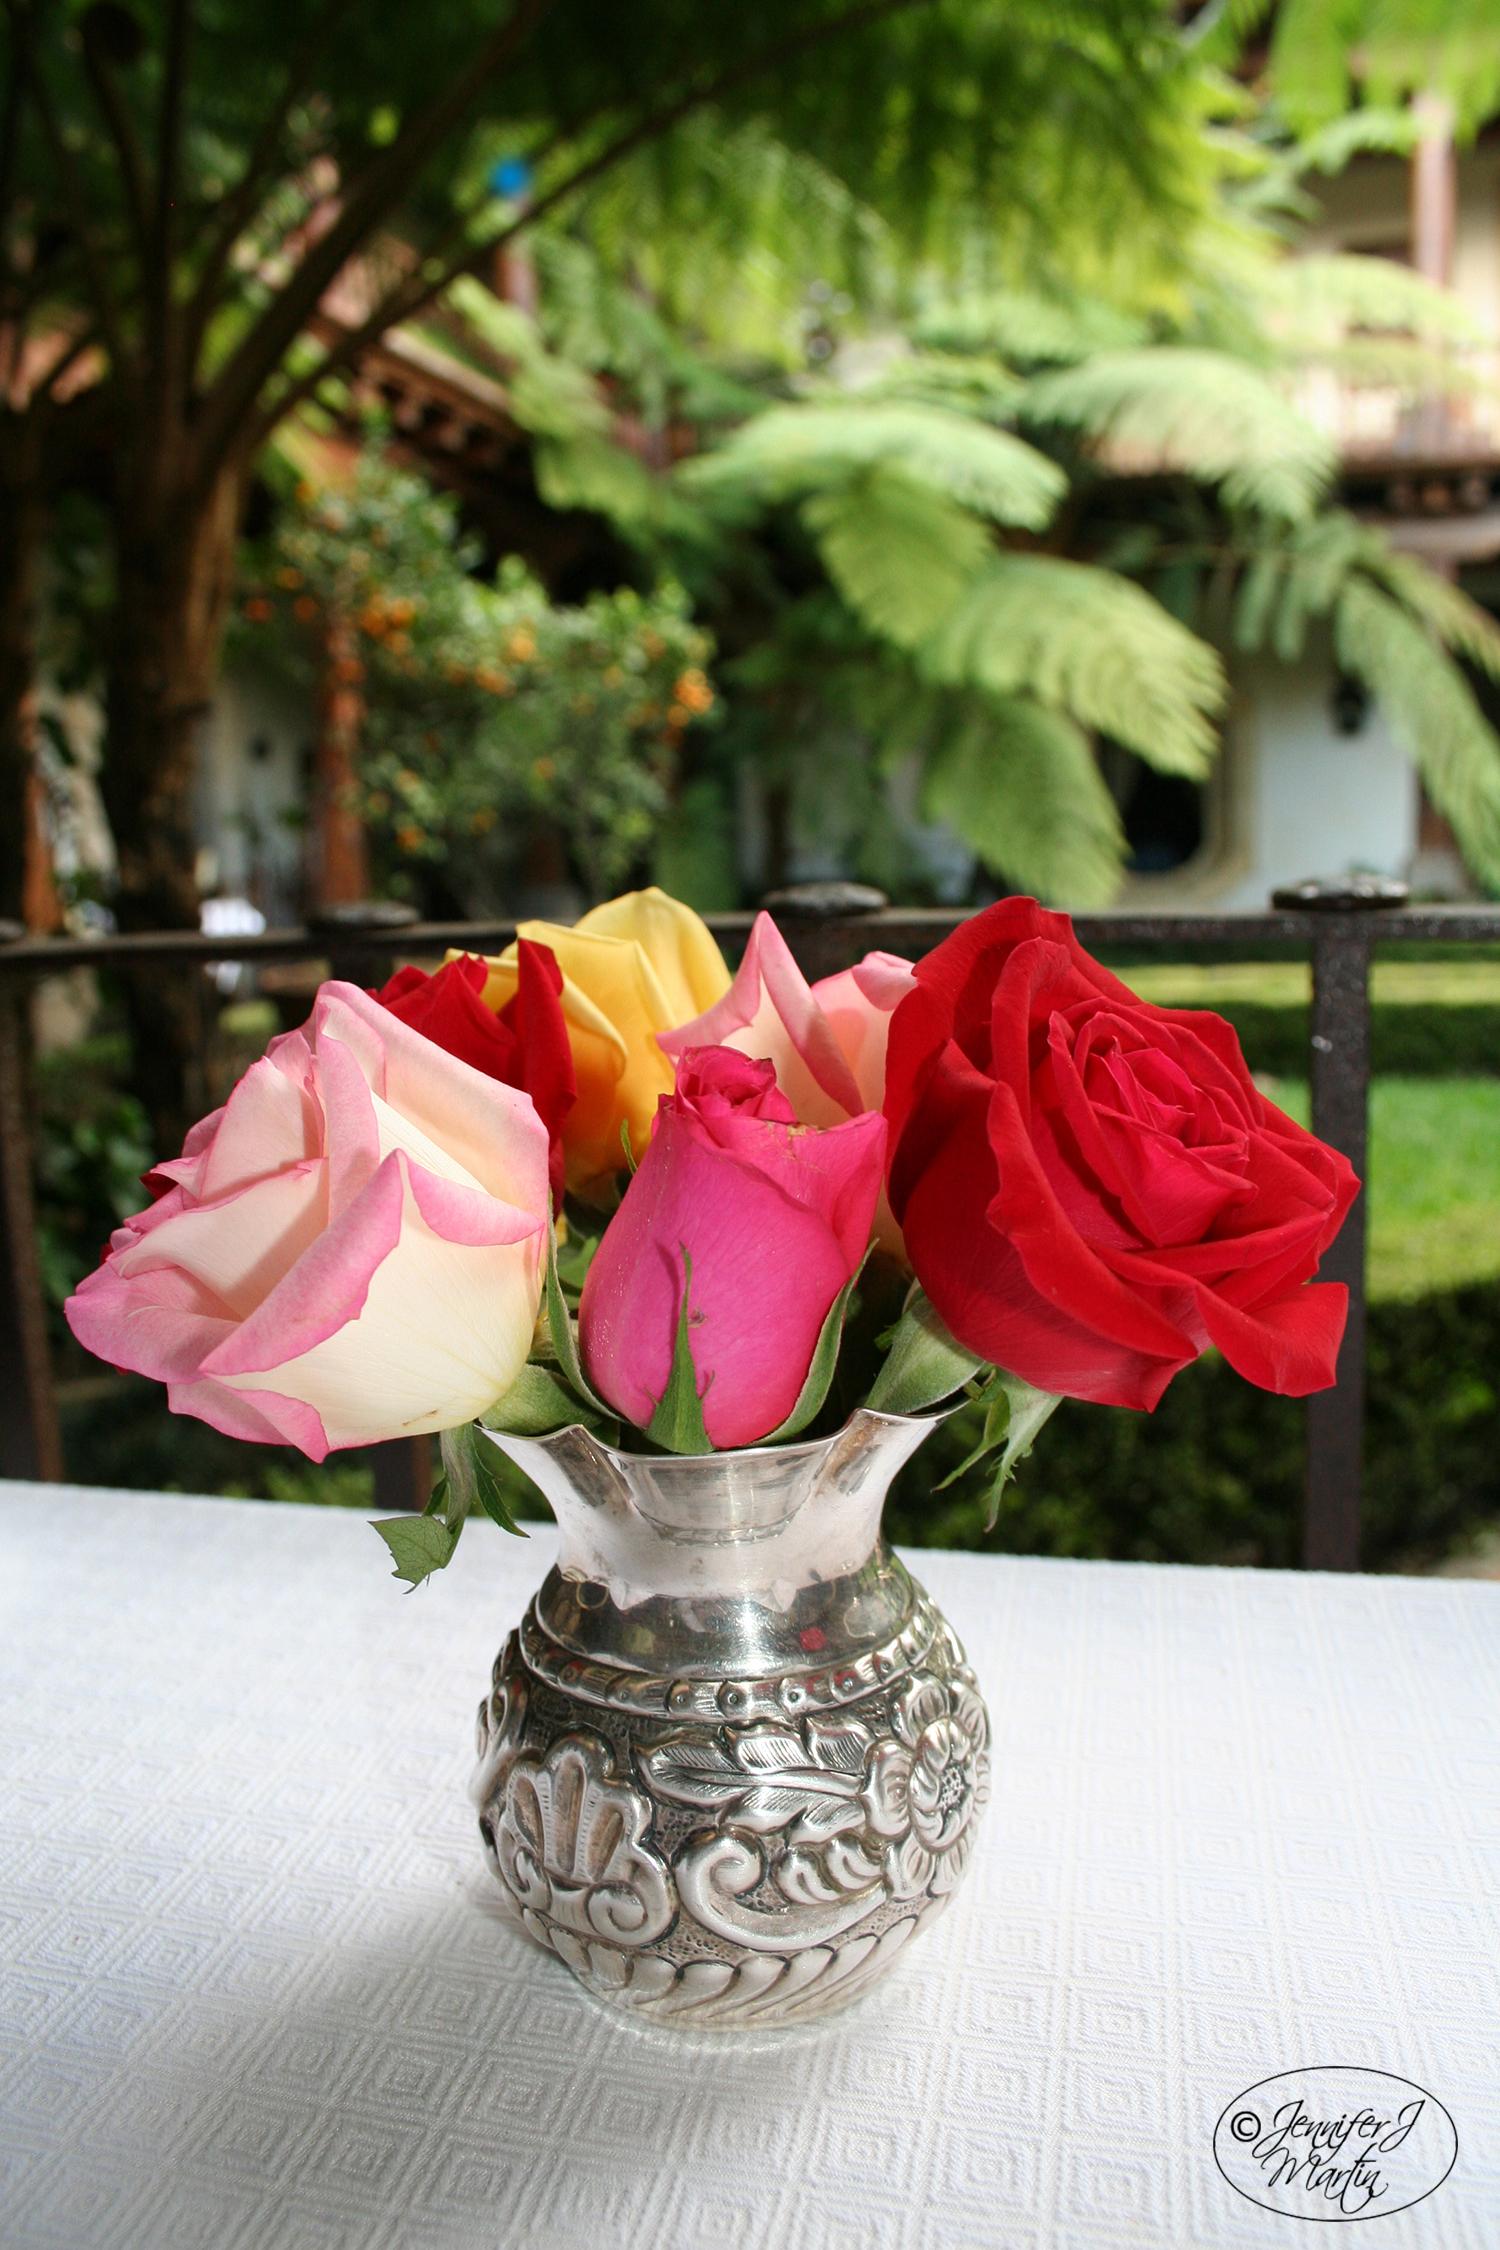 Roses in Silver Vase PRINT